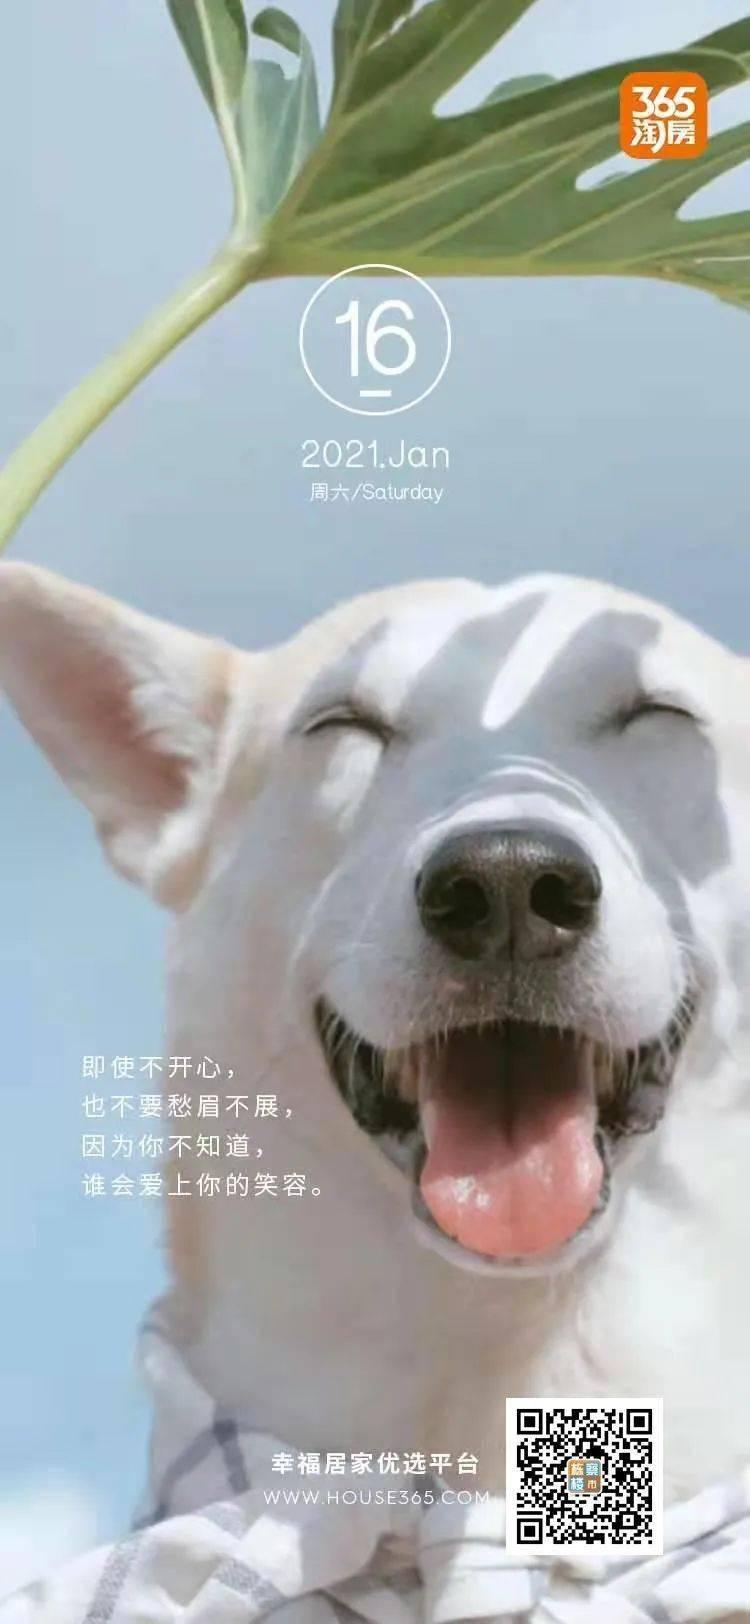 沈阳房价三连降 12月新房价格降0.4%!